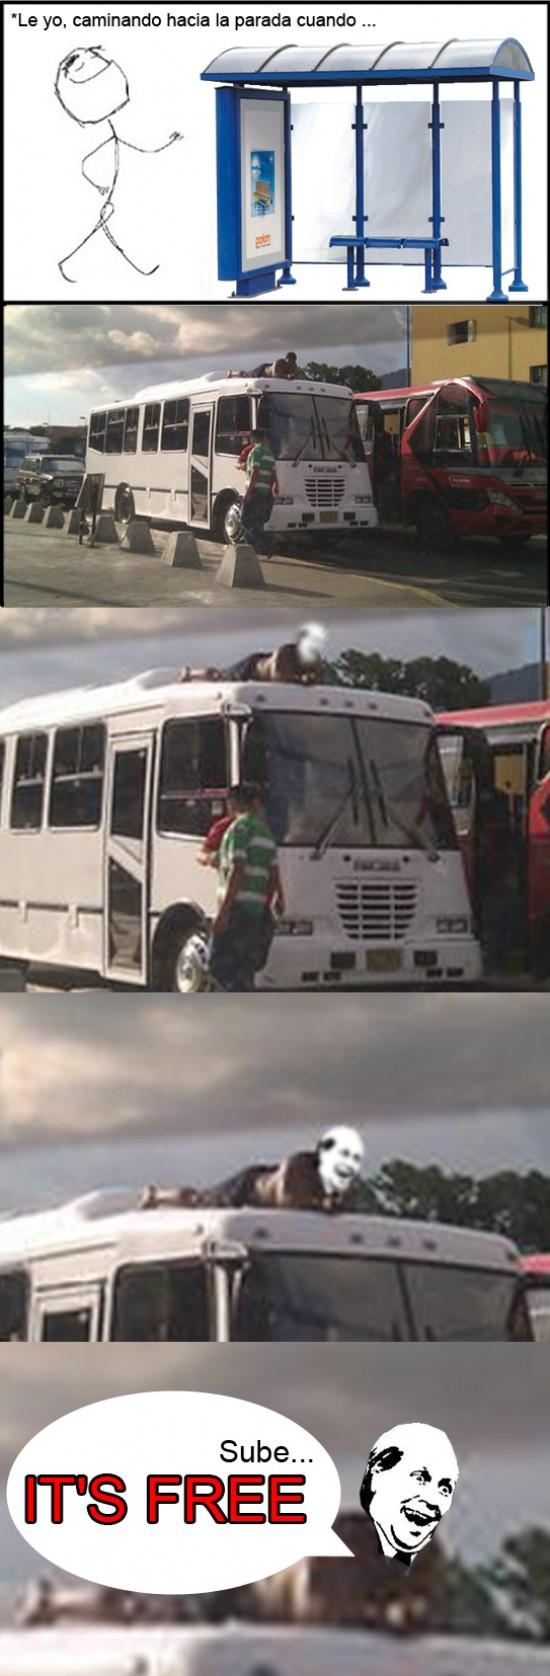 Its_free - Viajo en transporte público